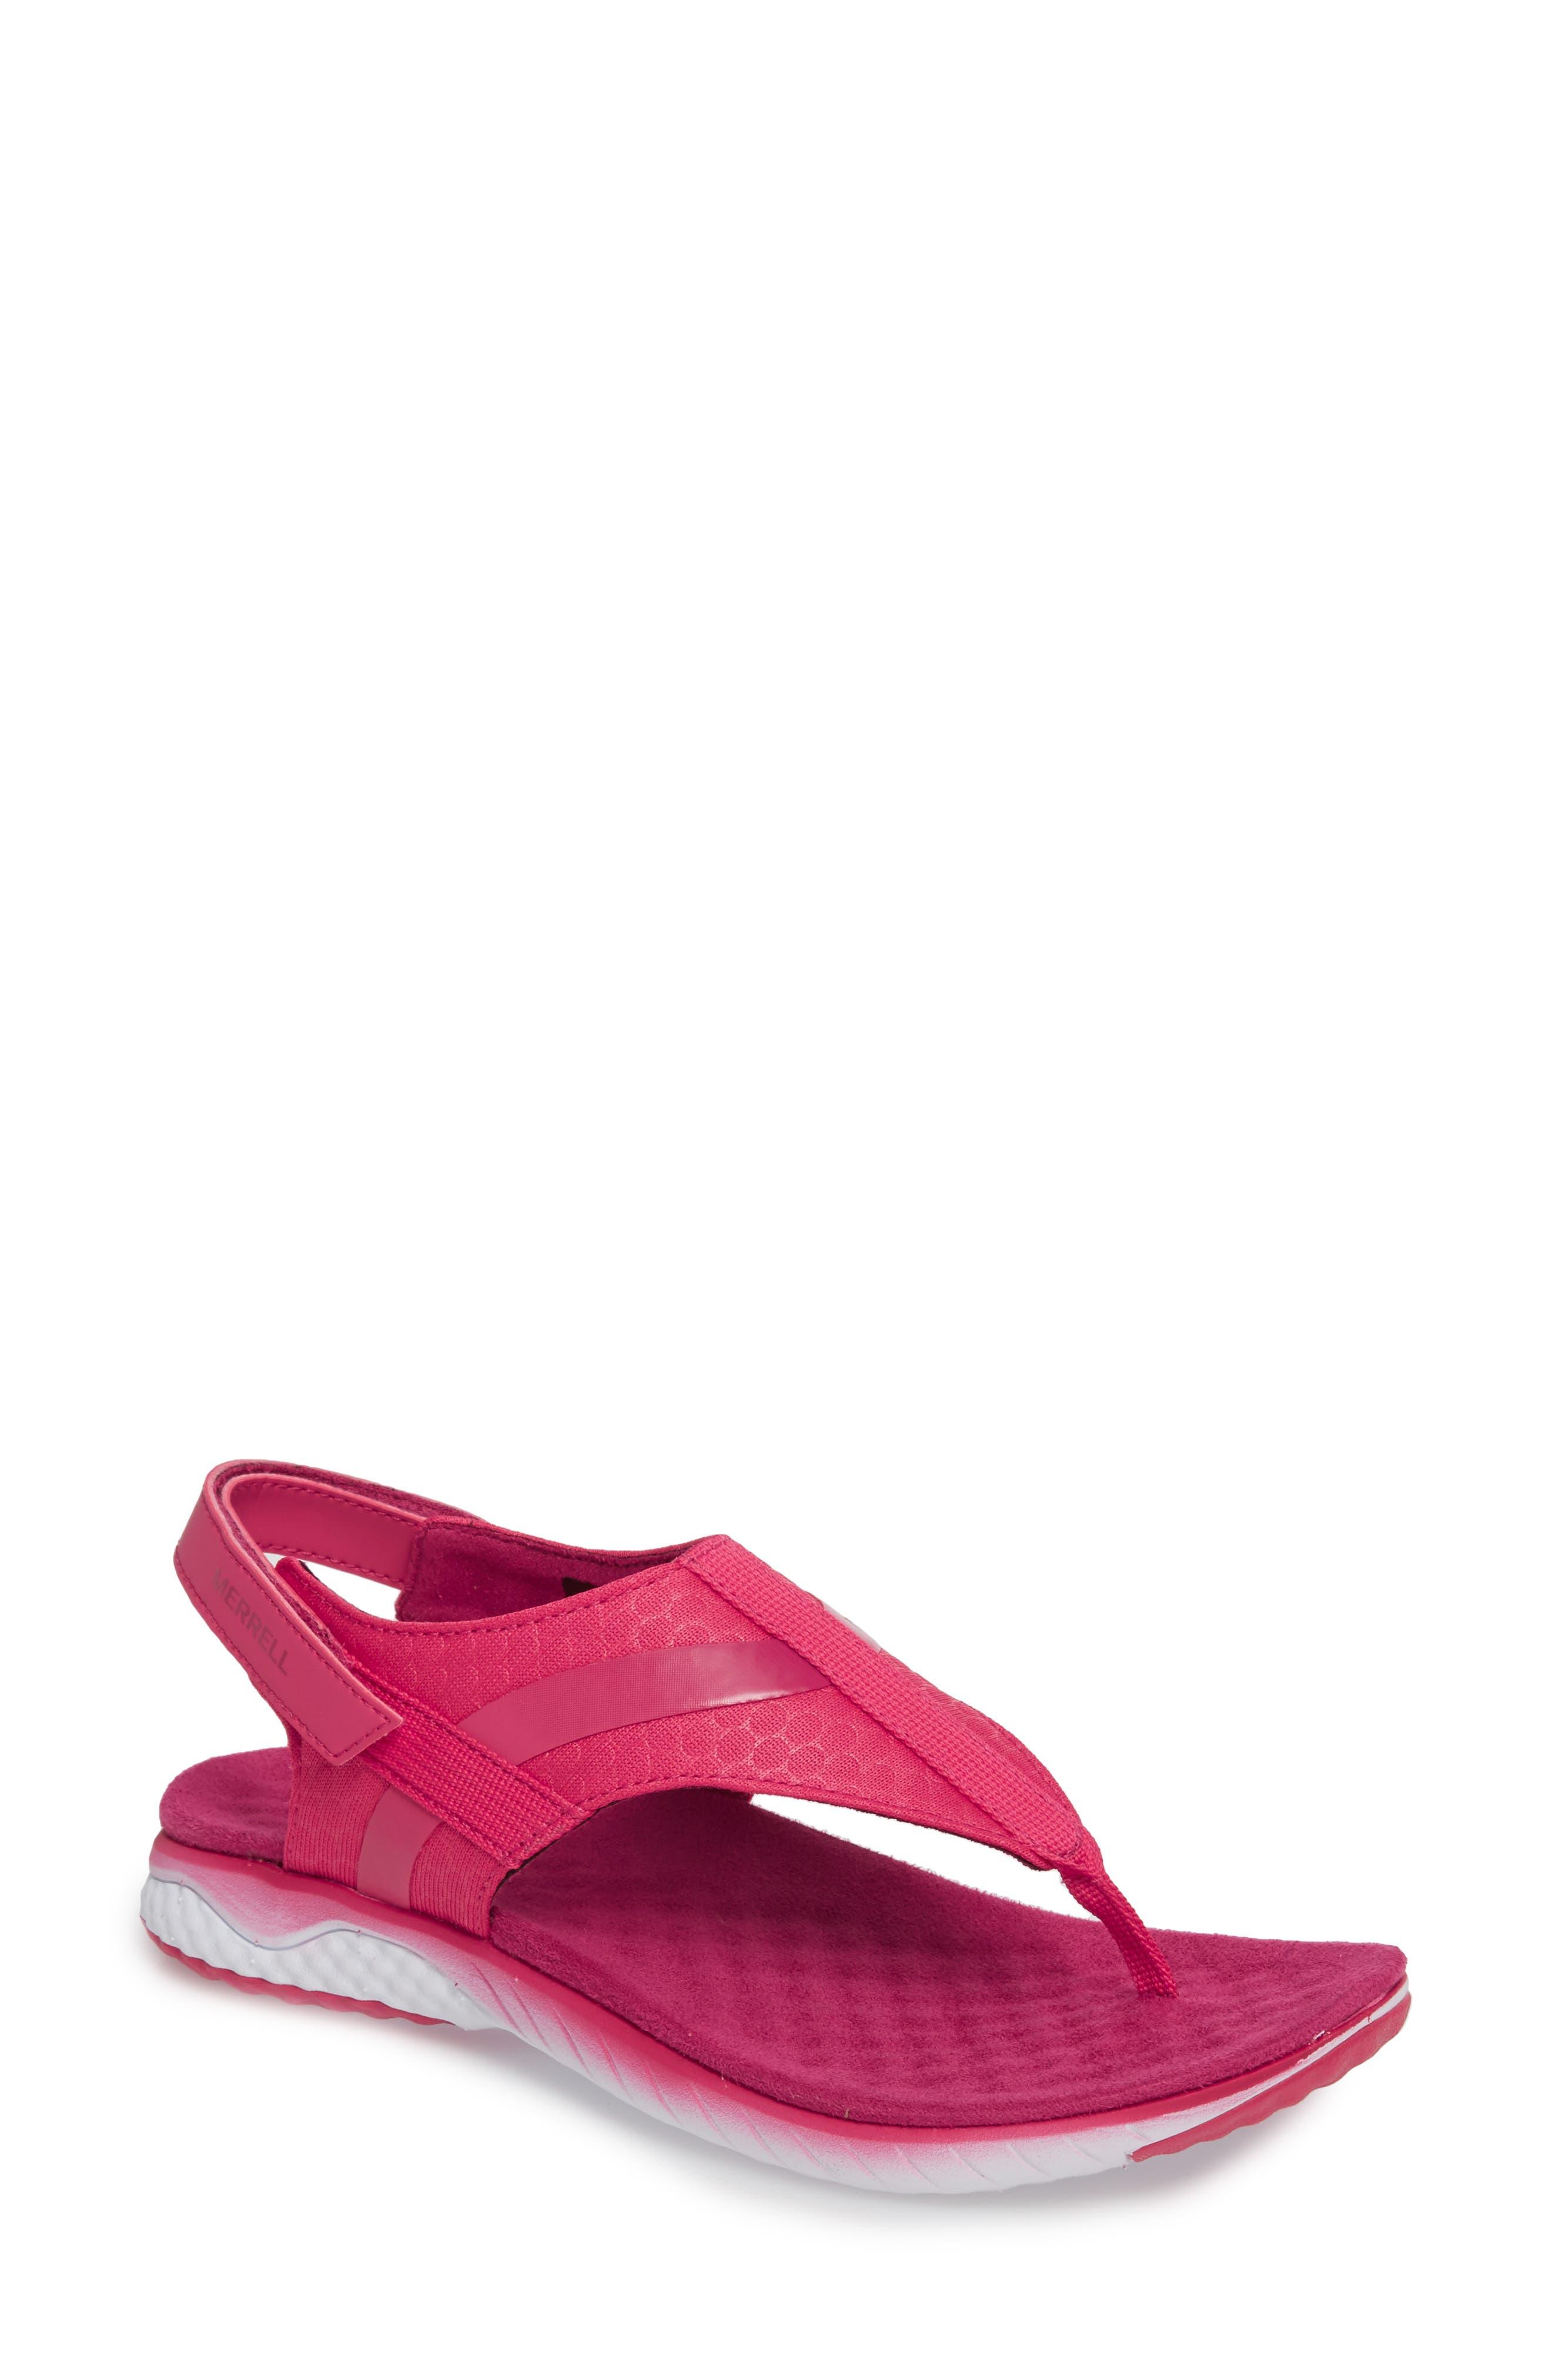 1SIX8 Linna Slide Air Cushion+ Sandal,                             Main thumbnail 4, color,